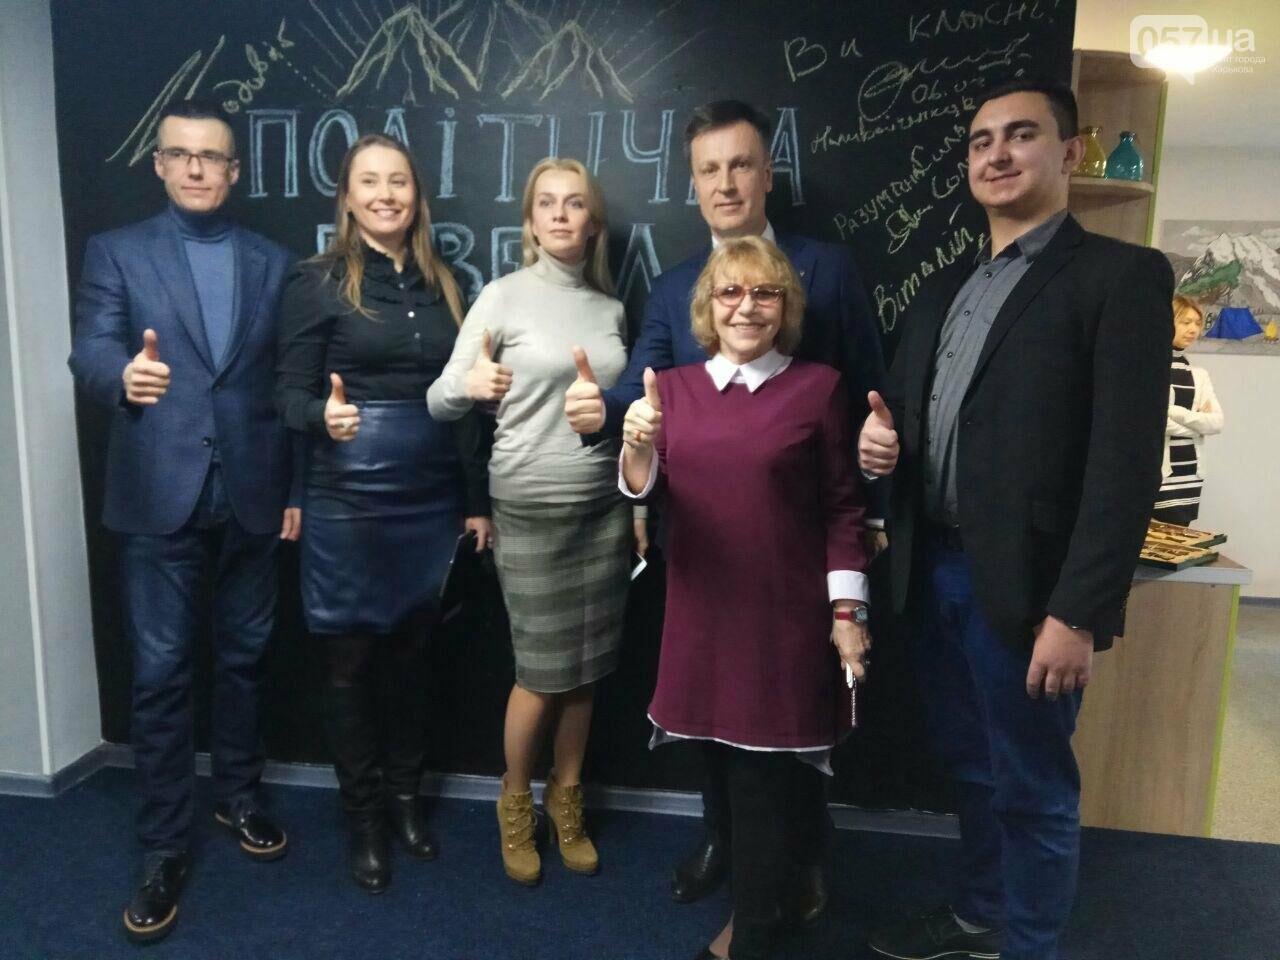 Наливайченко у Харкові: Справжні рейтинги побачимо 31 березня, фото-2